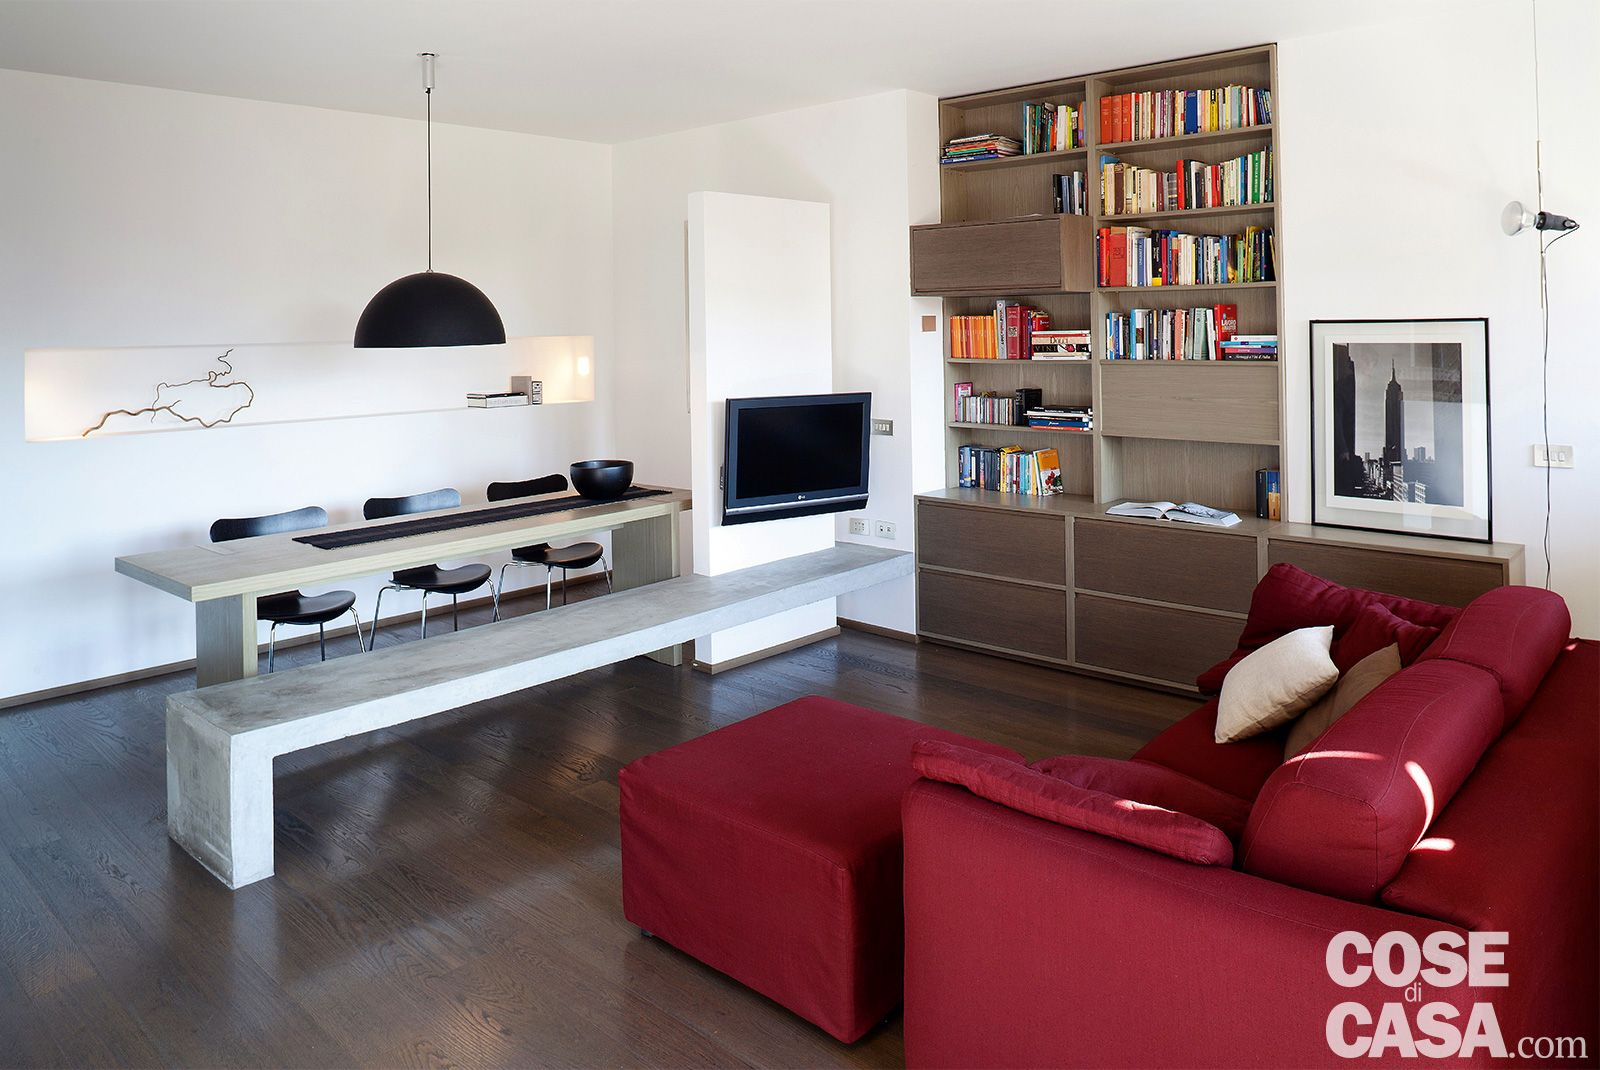 Una Casa Di 65 Mq Con Volumi Funzionali E Originali Quinte Per Dividere Cose Di Casa Idee Per Interni Idee Per Decorare La Casa Arredamento Casa